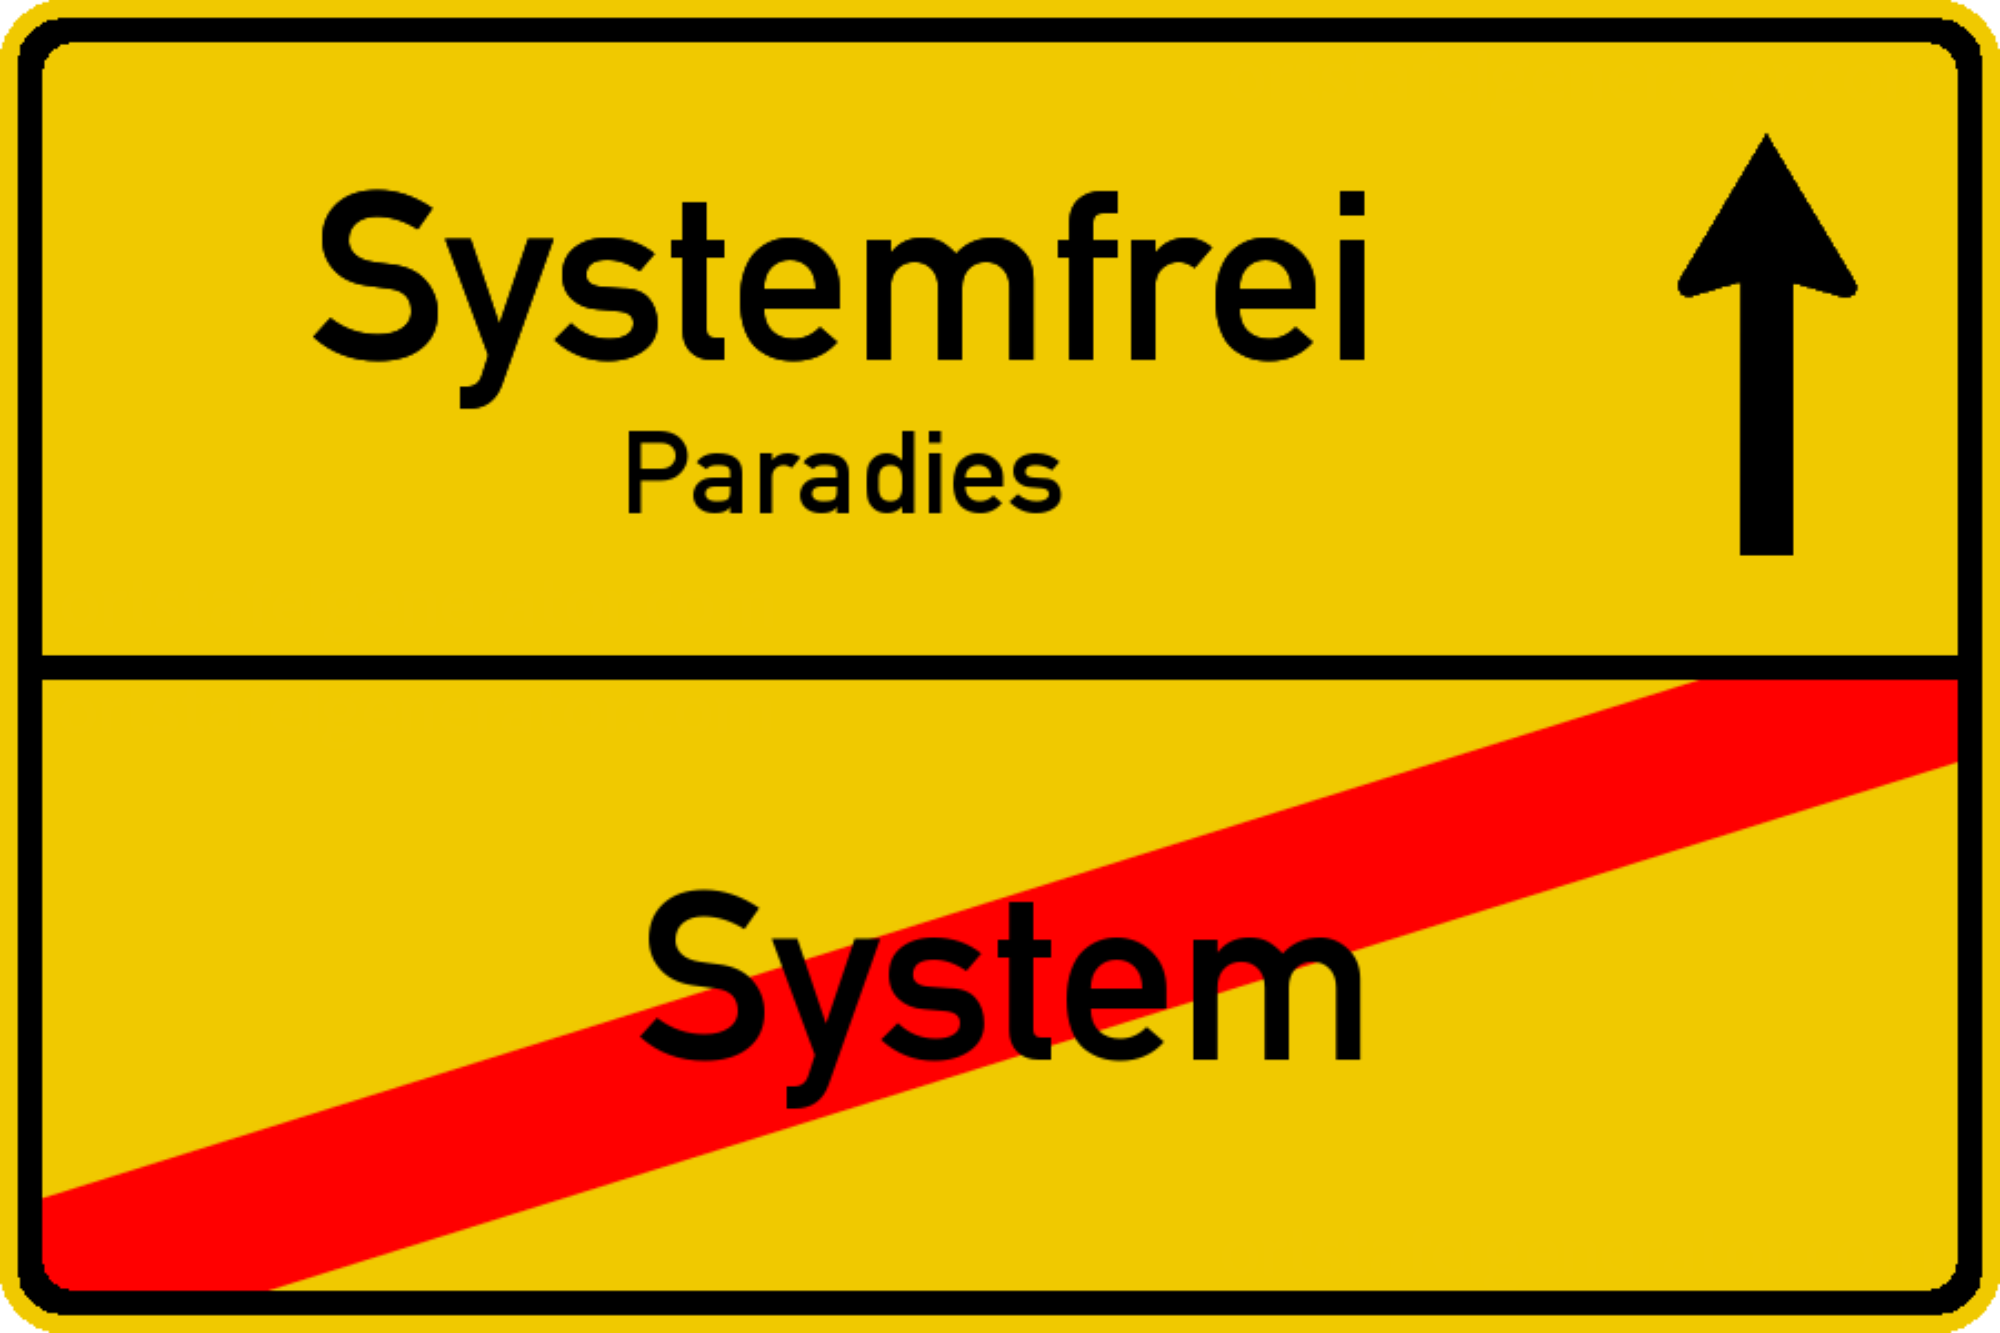 systemfrei.net